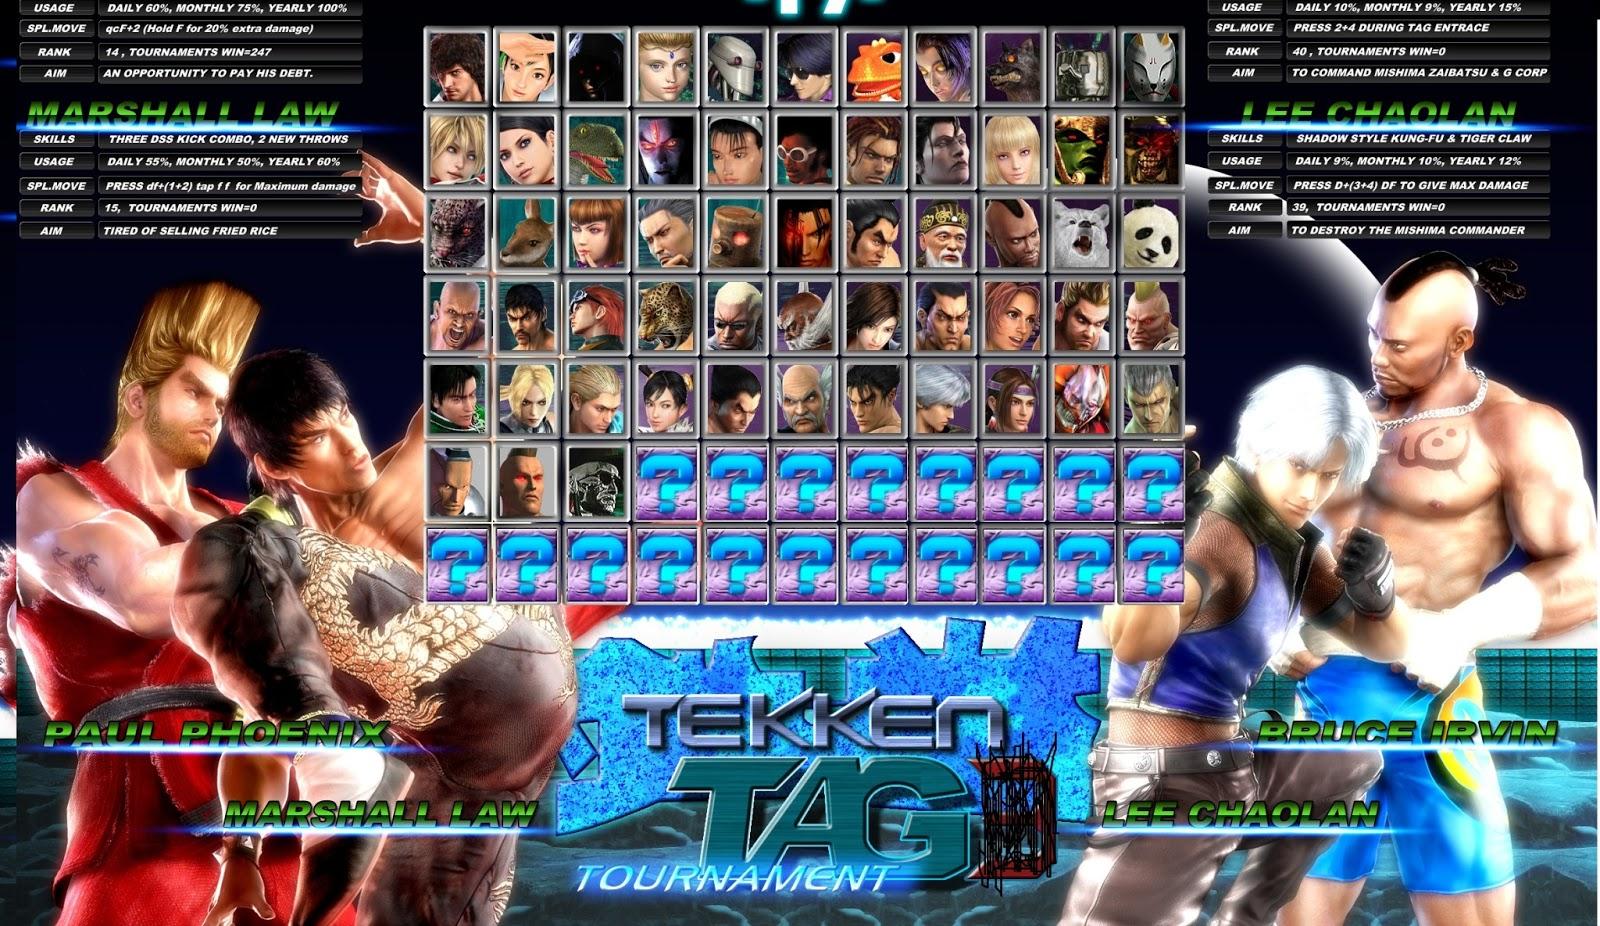 Tekken tag tournament 1 pc game free download pc games yard.